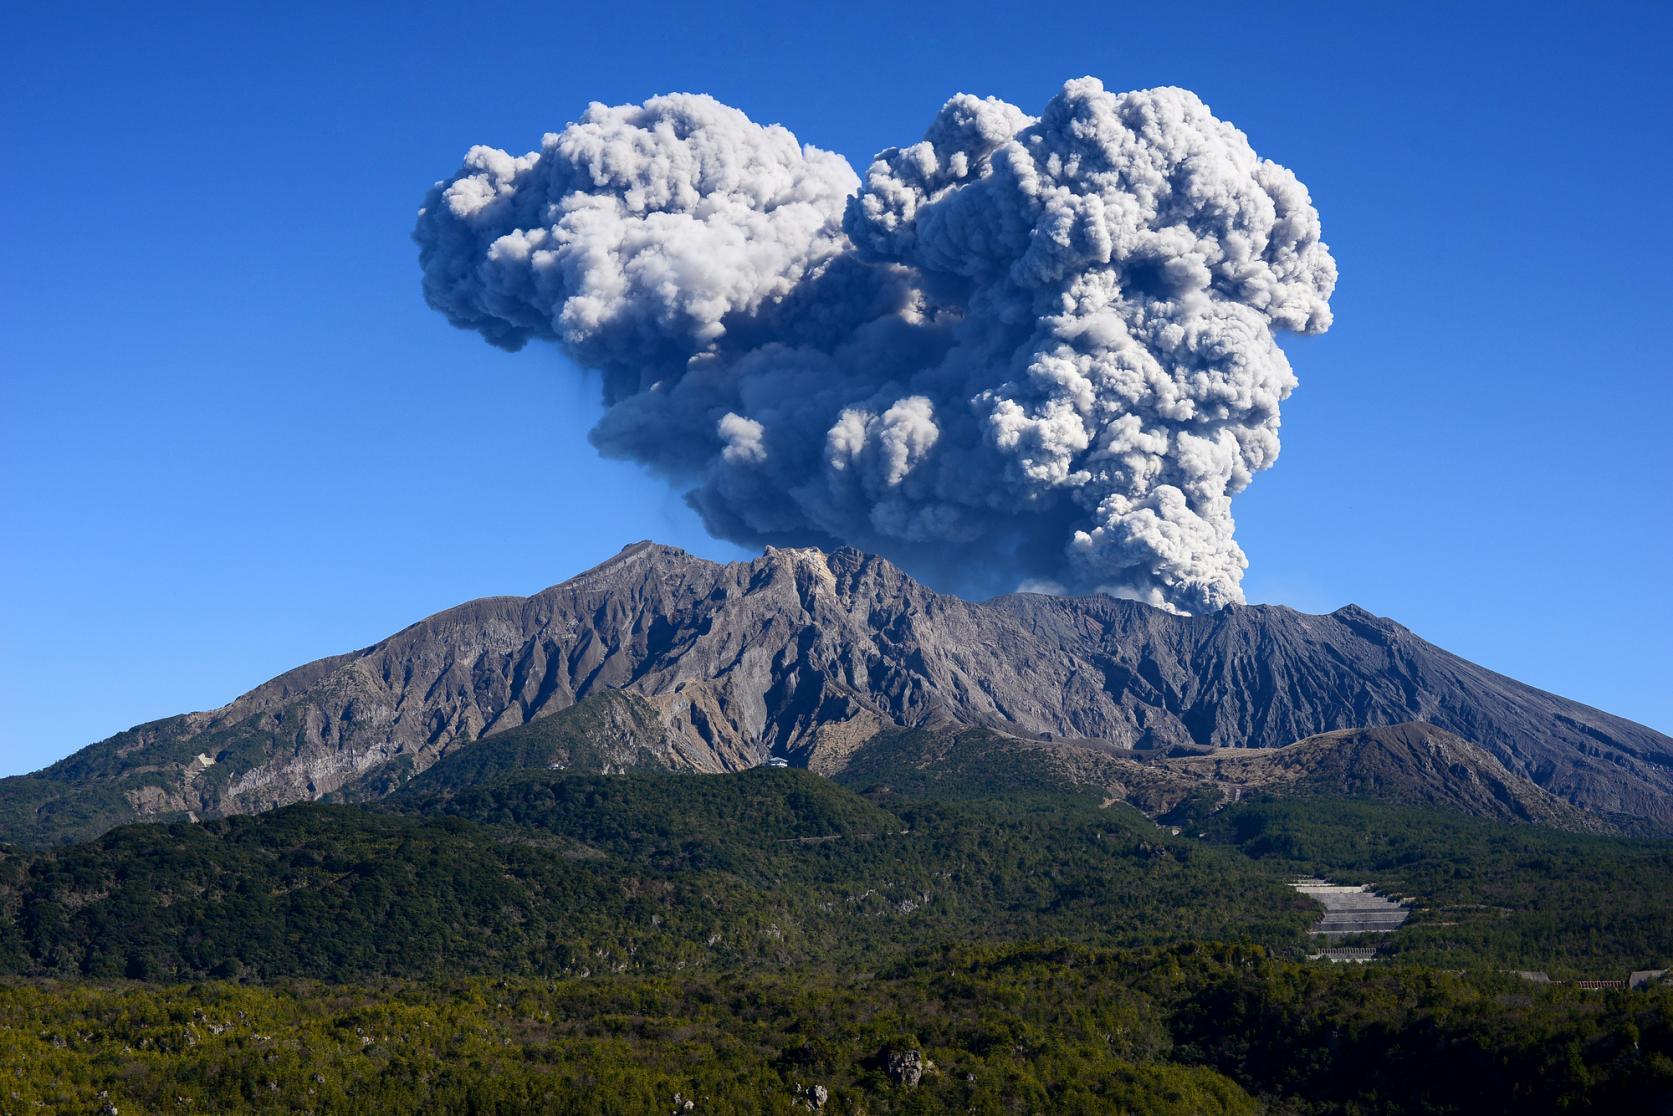 噴火してるけど大丈夫!?最初は気になる桜島観光-0